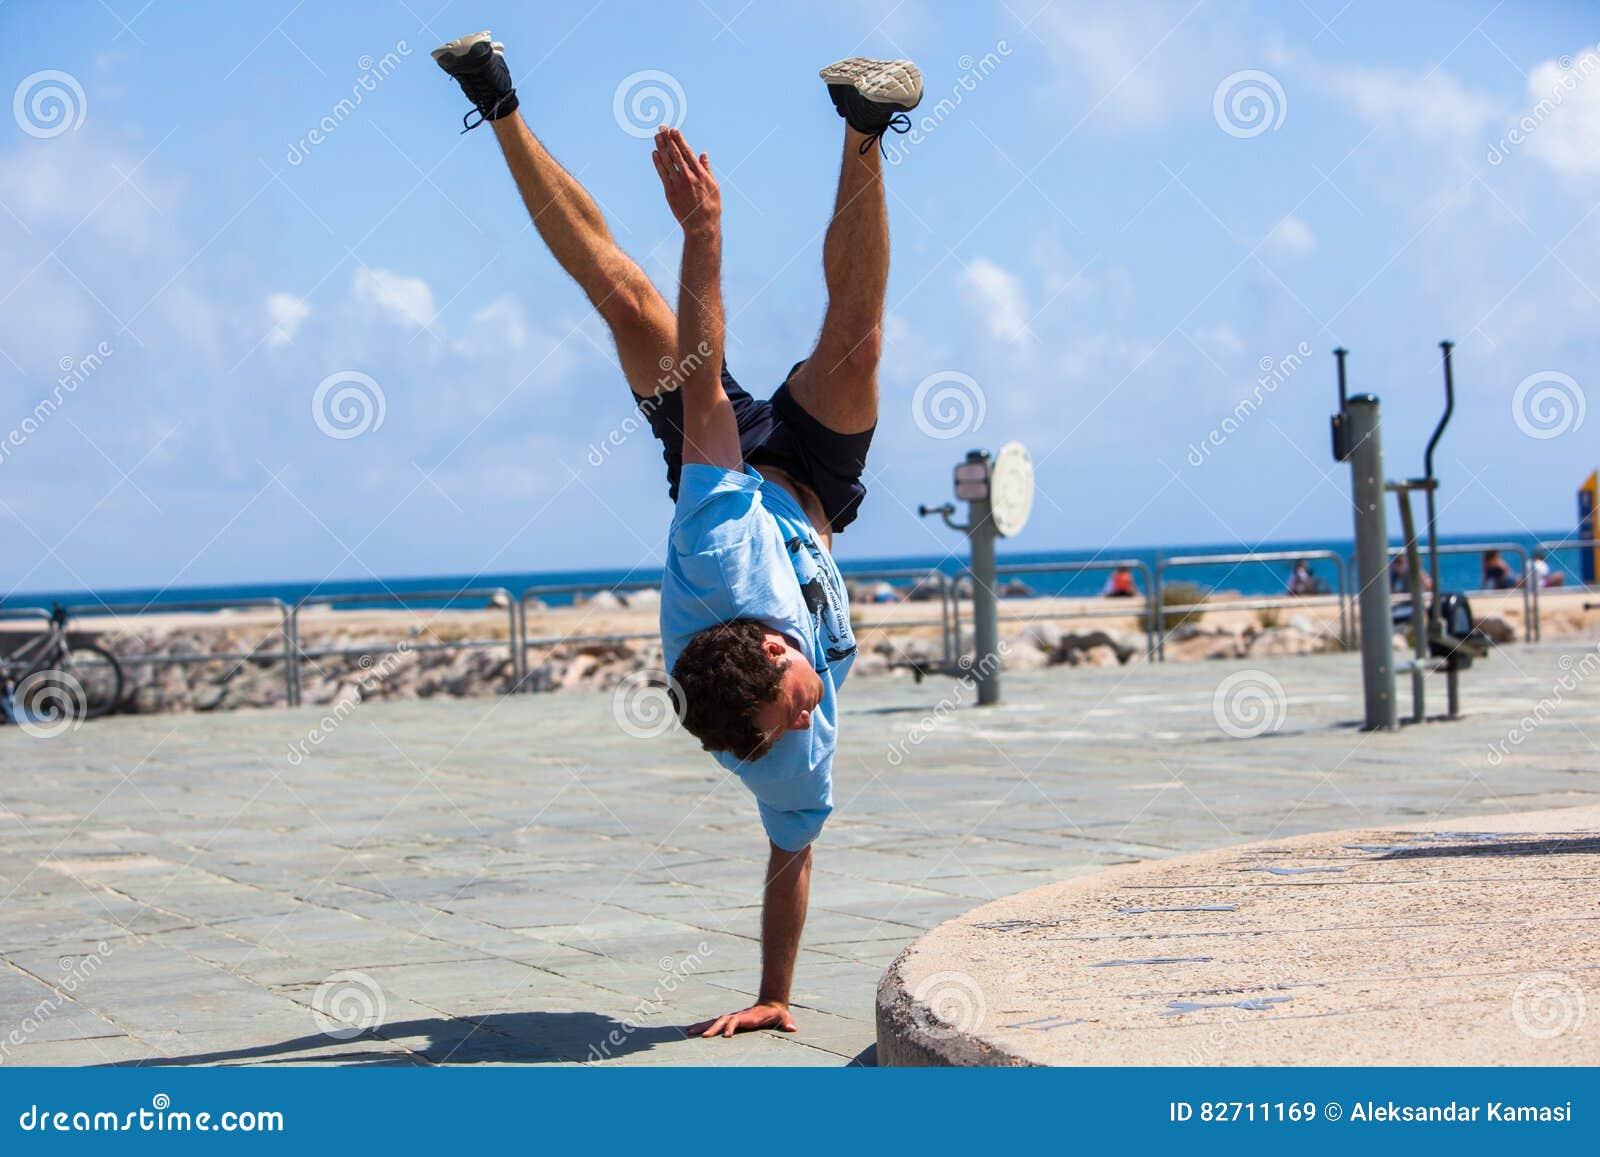 Jonge atleet die Parkour-trucs doen